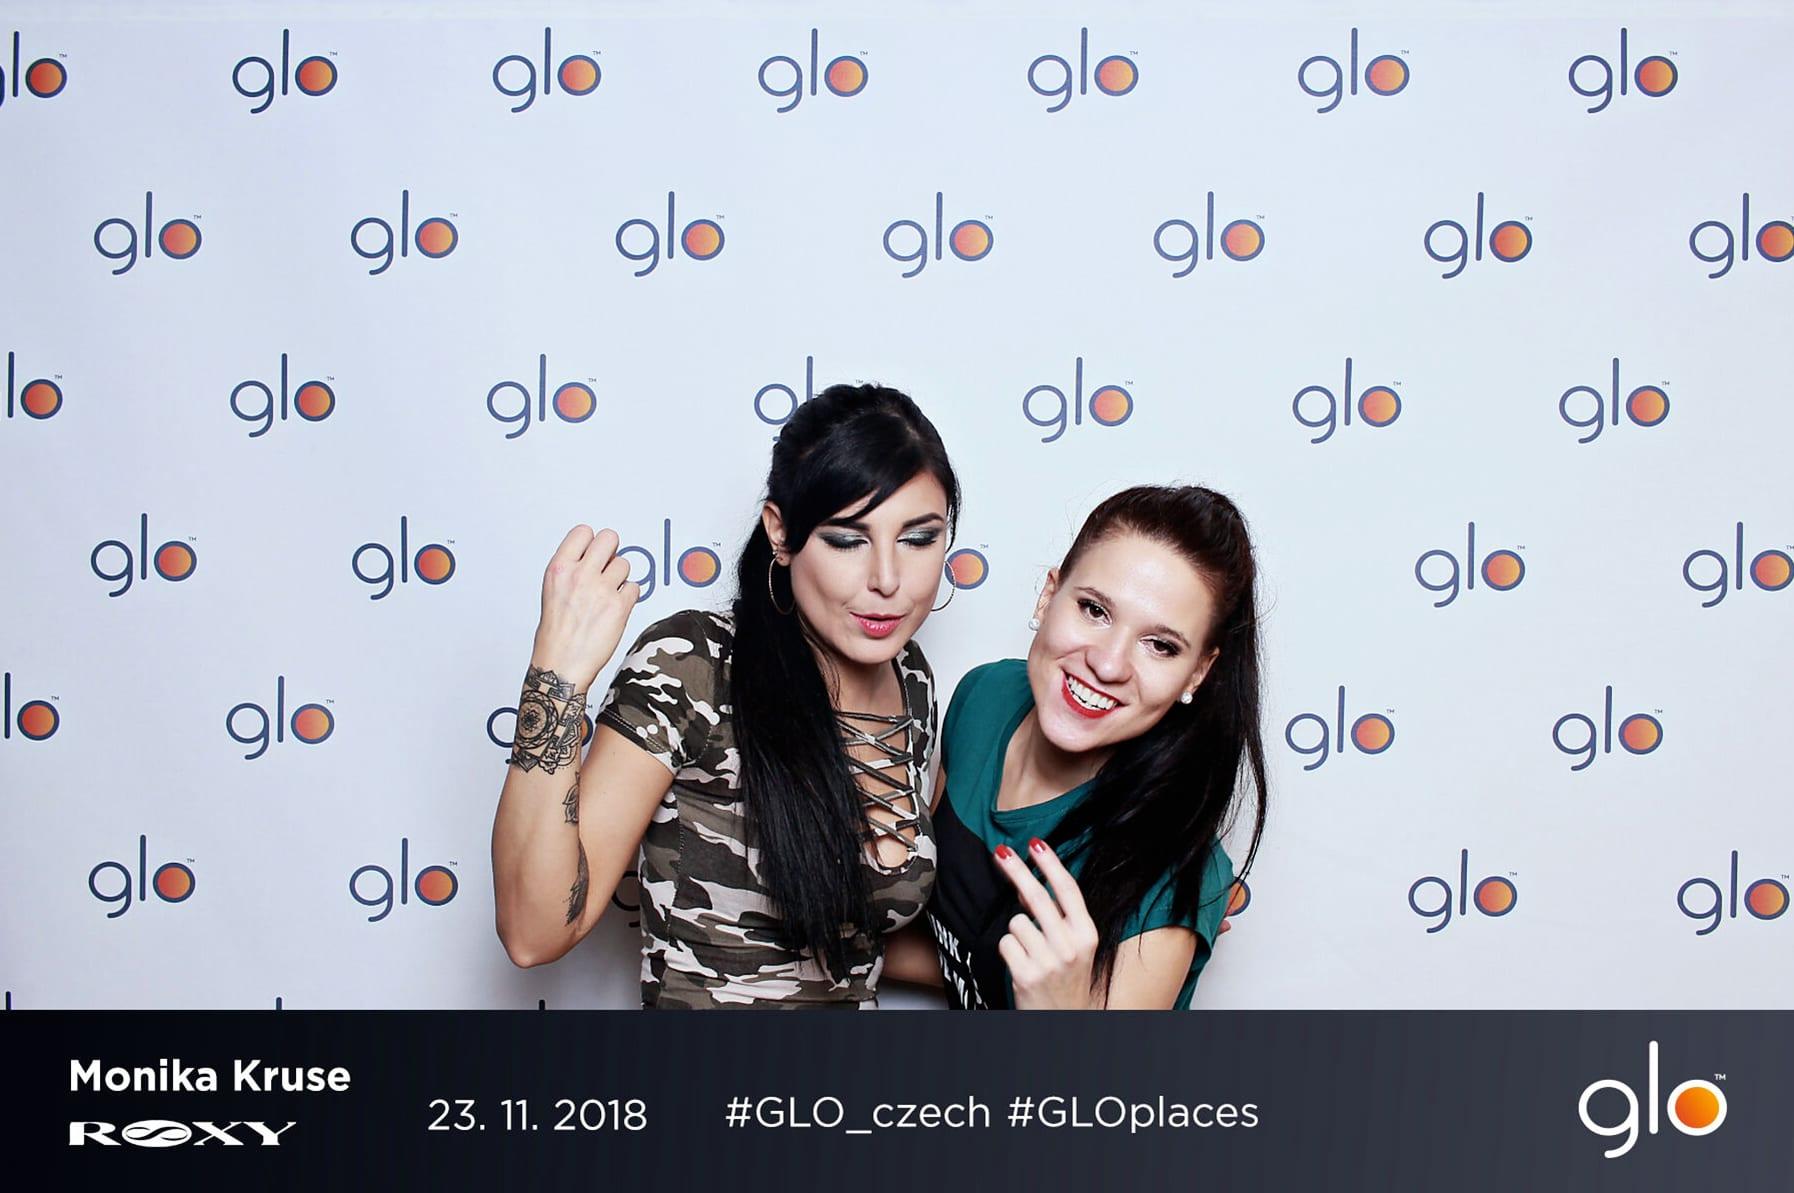 fotokoutek-glo-23-11-2018-526075